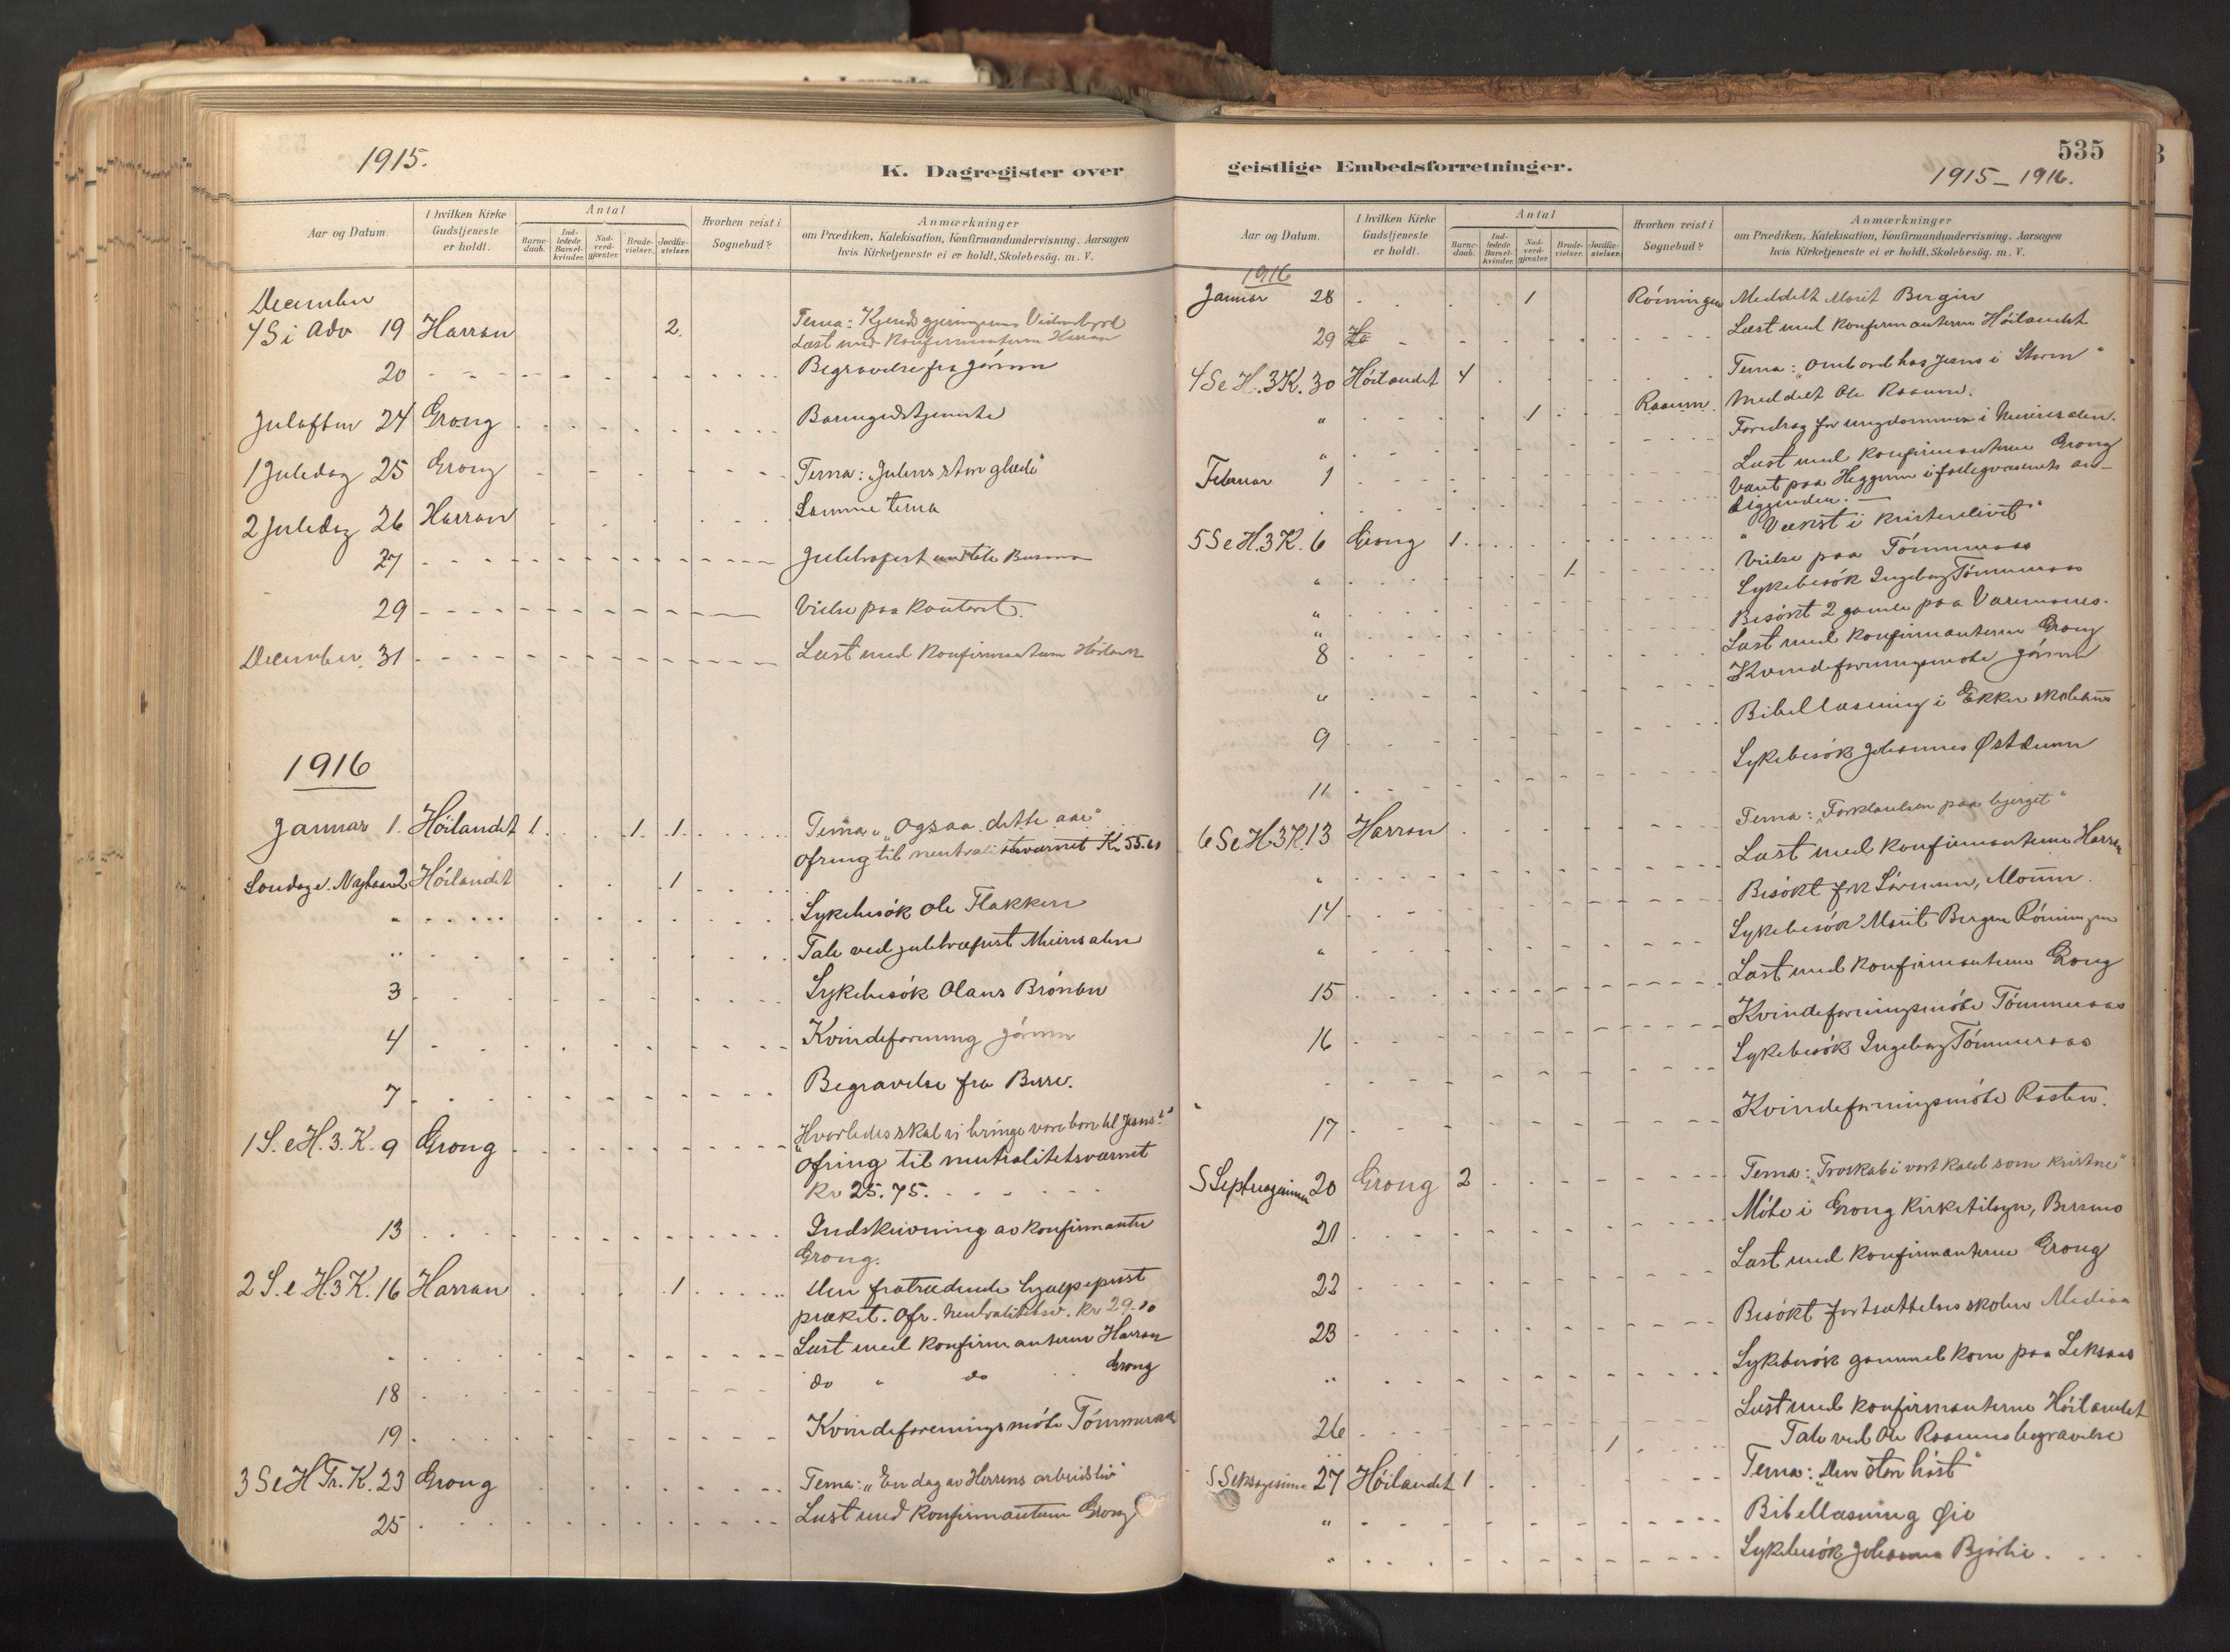 SAT, Ministerialprotokoller, klokkerbøker og fødselsregistre - Nord-Trøndelag, 758/L0519: Ministerialbok nr. 758A04, 1880-1926, s. 535